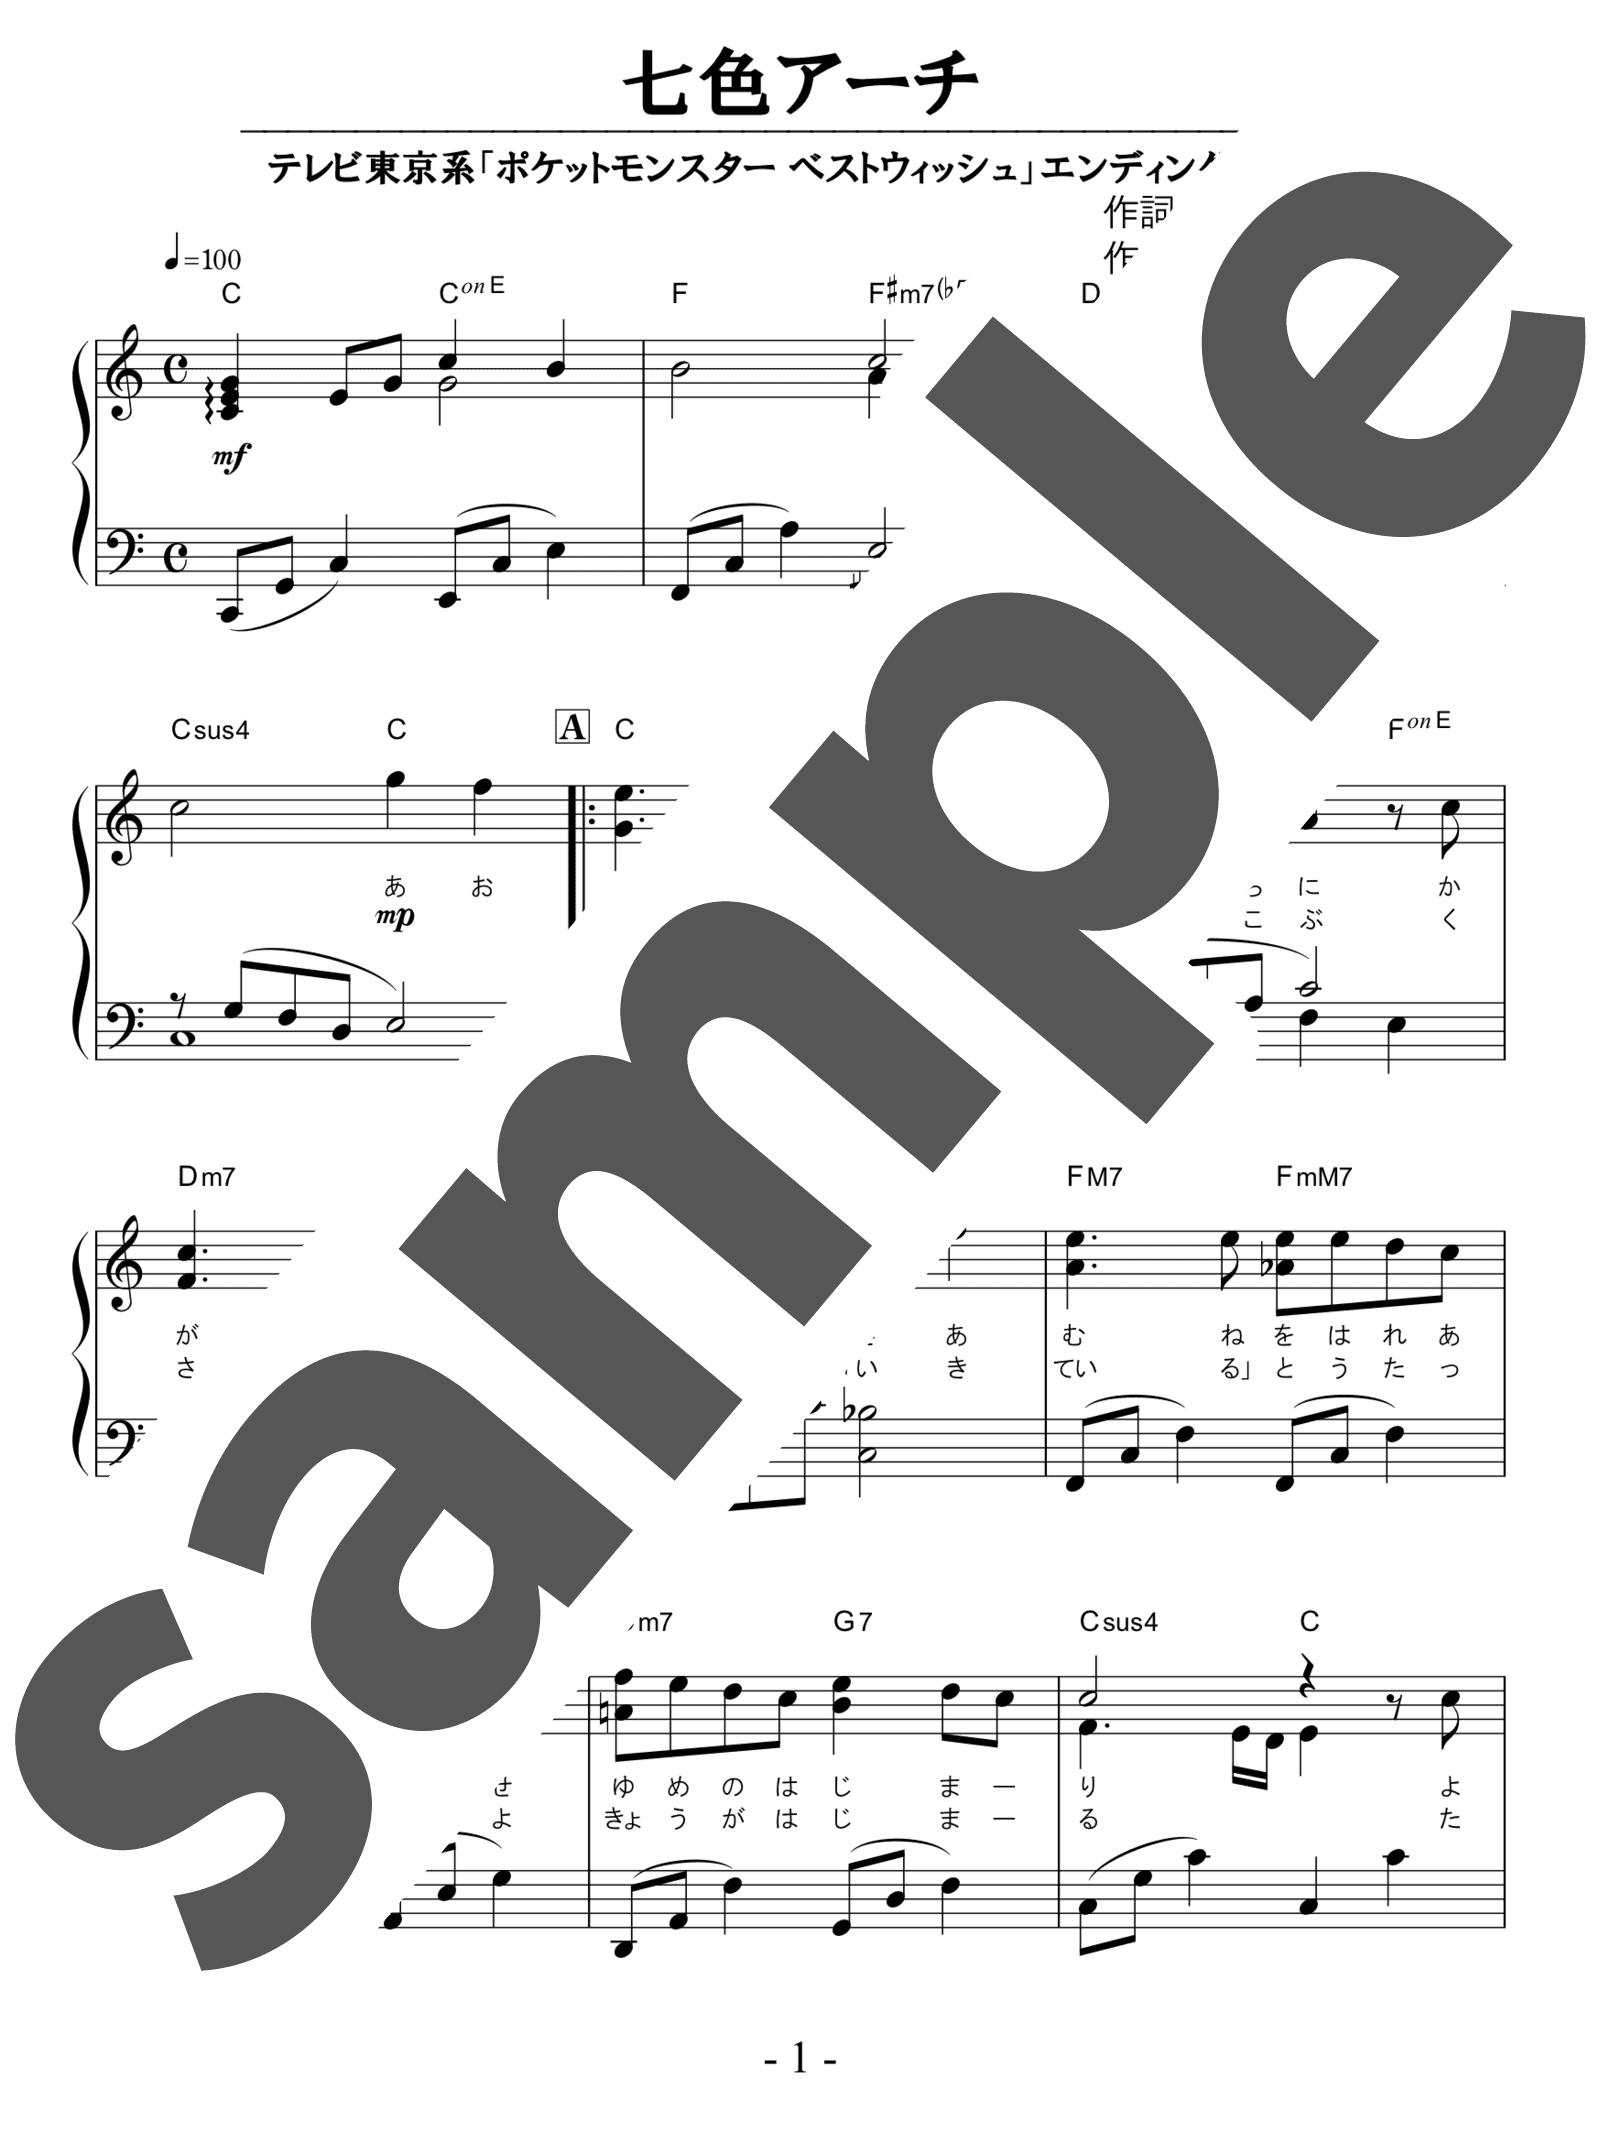 「七色アーチ」のサンプル楽譜